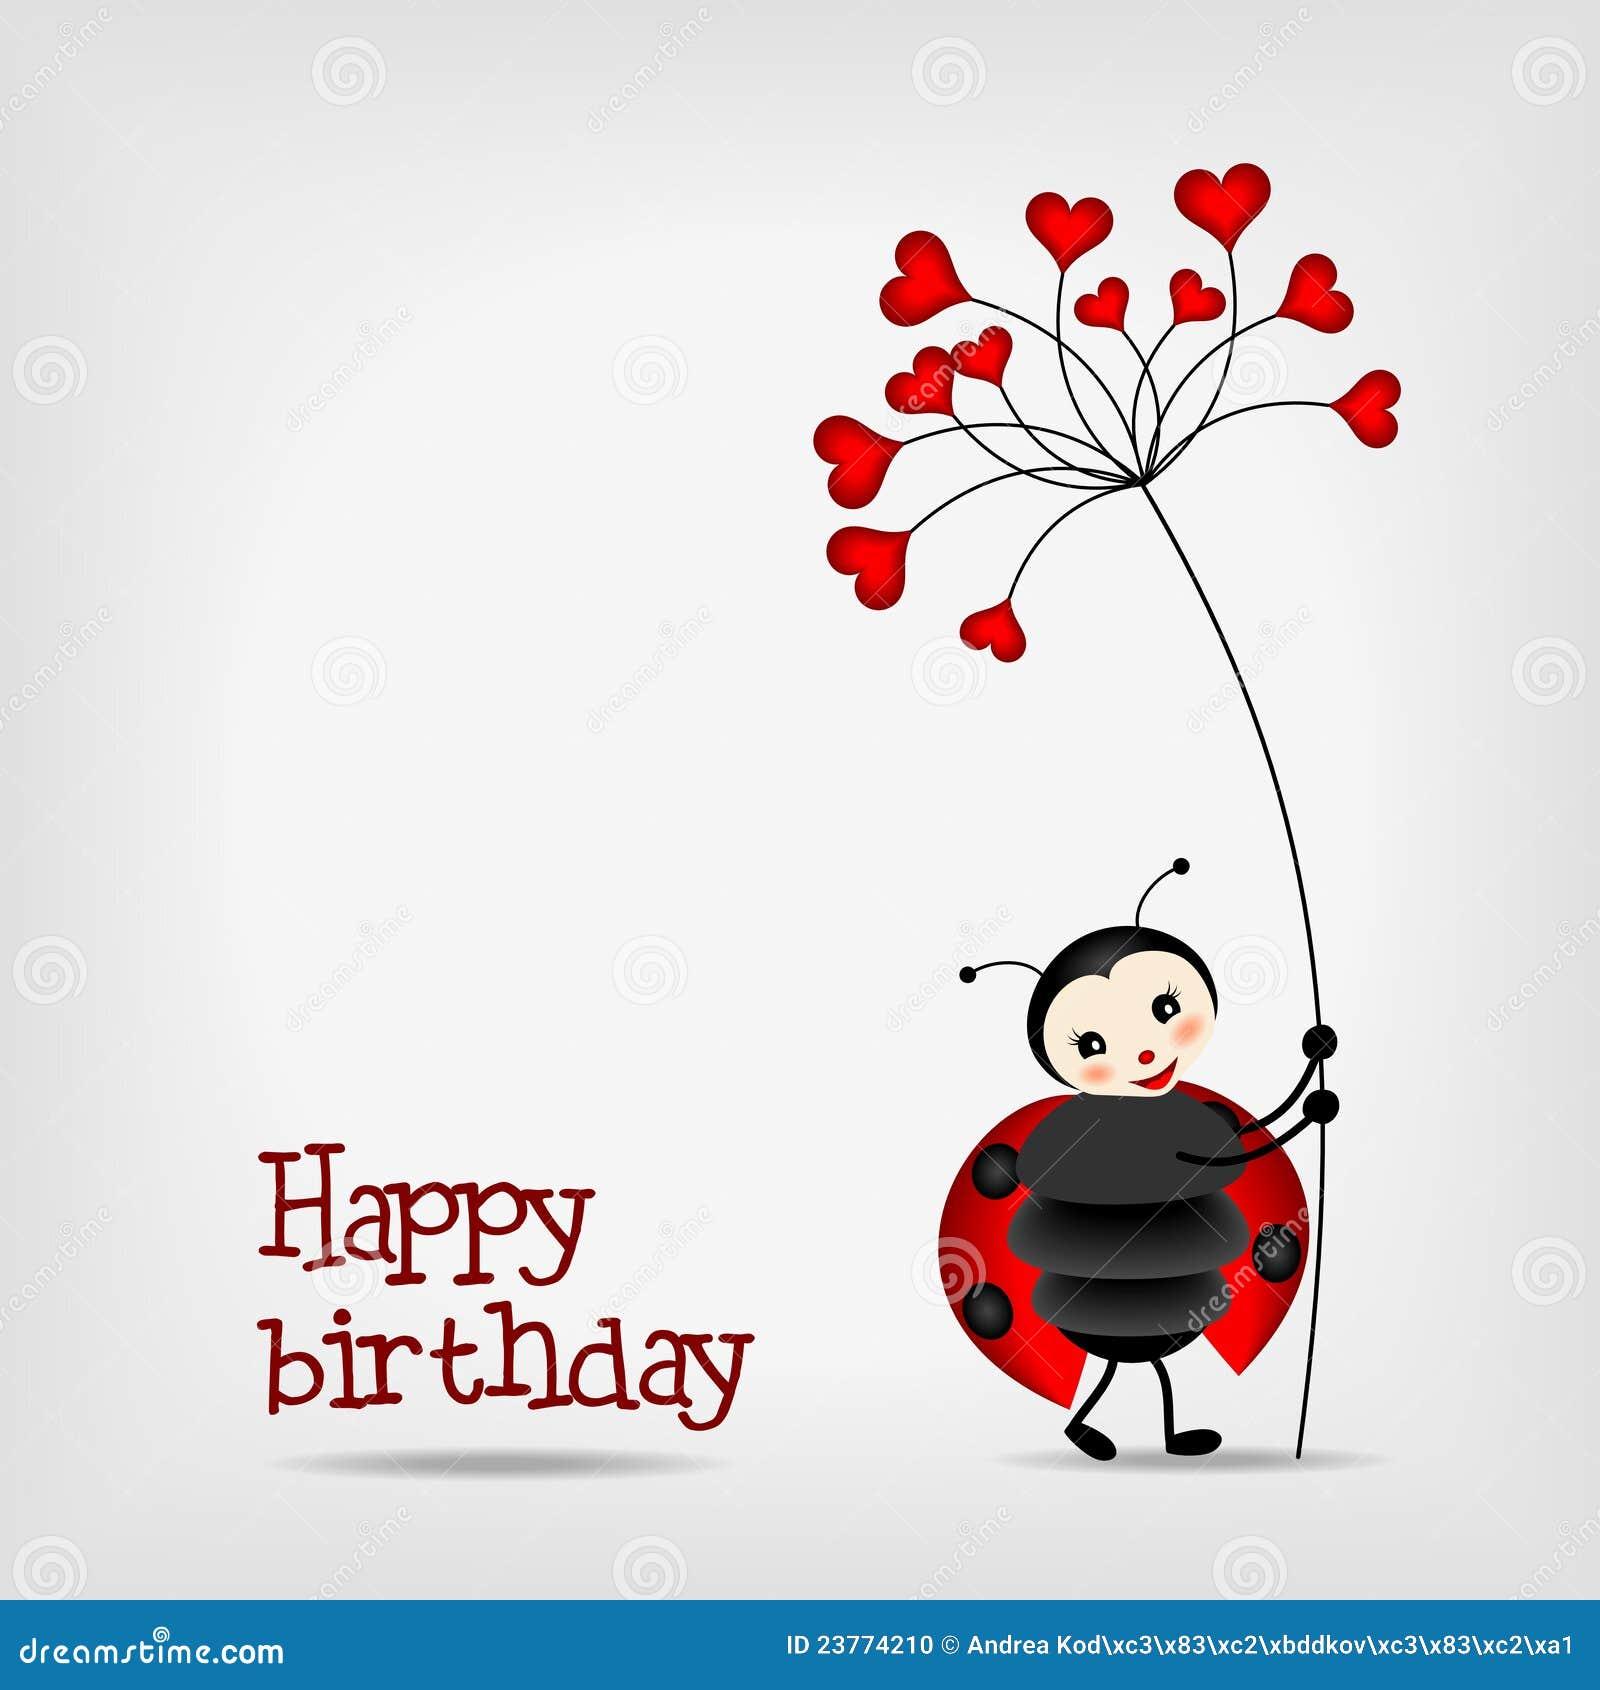 Ladybug With Flower - Birthday Card Stock Photo - Image ...